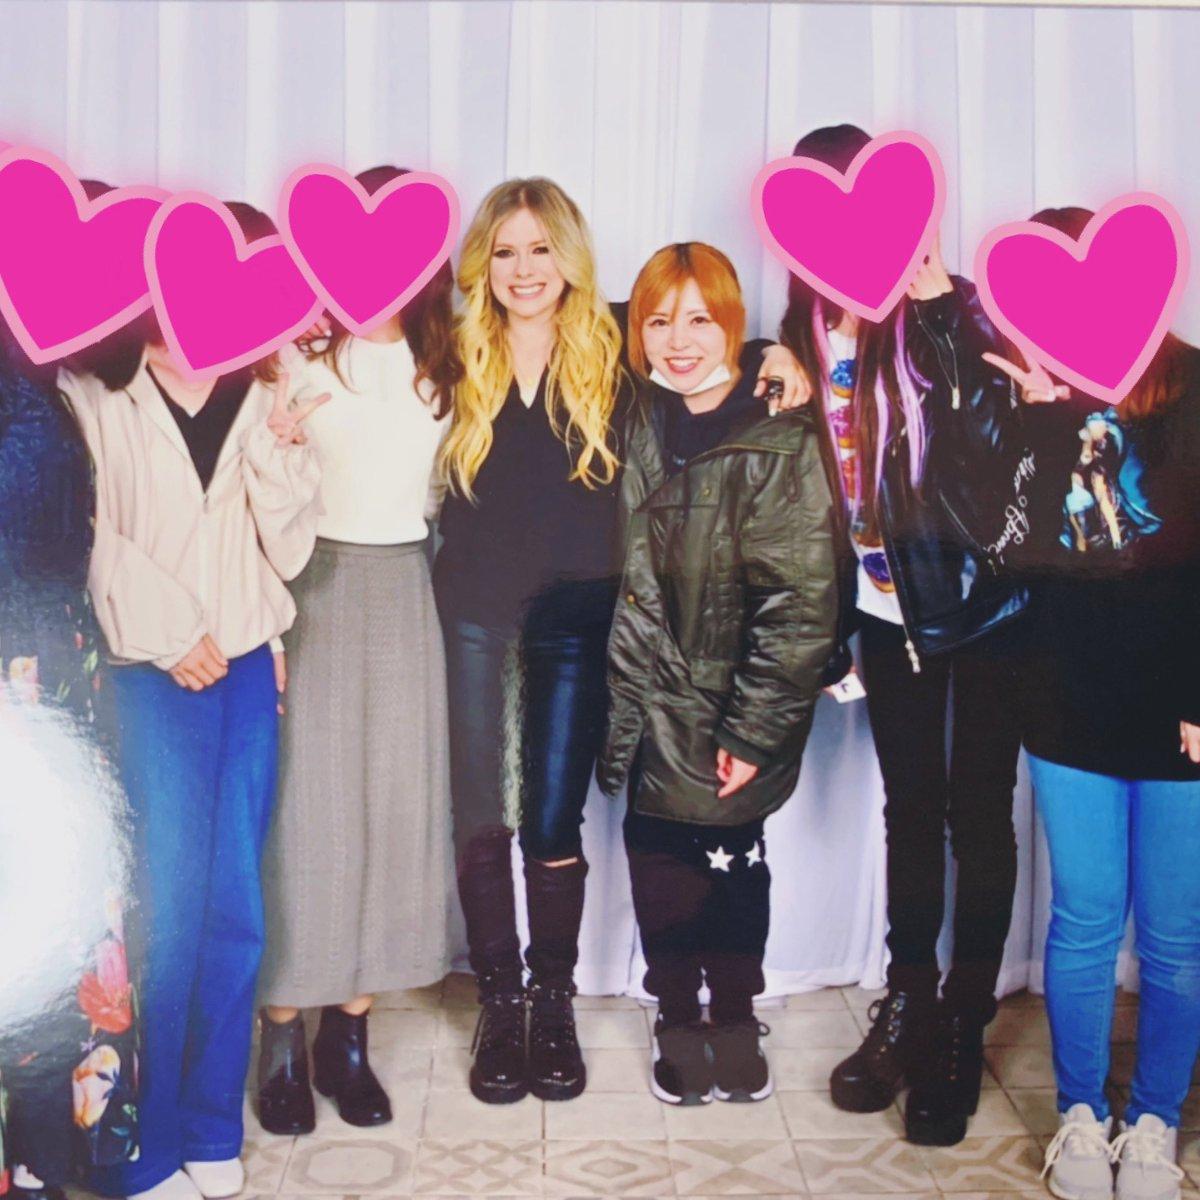 去年、東京で行われたAvril Lavigneのファンイベントの時の写真📸 来年1月に延期した来日ツアーにも参戦予定だけど、果たして開催できるのか...😢 Avrilに会いたい~🥺✨✨  #アヴリル #イベント #音楽 #ロック #洋楽 #思い出 #avril #avrillavigne #event #rock #headabovewater #haw #HAW #lbs #LBS